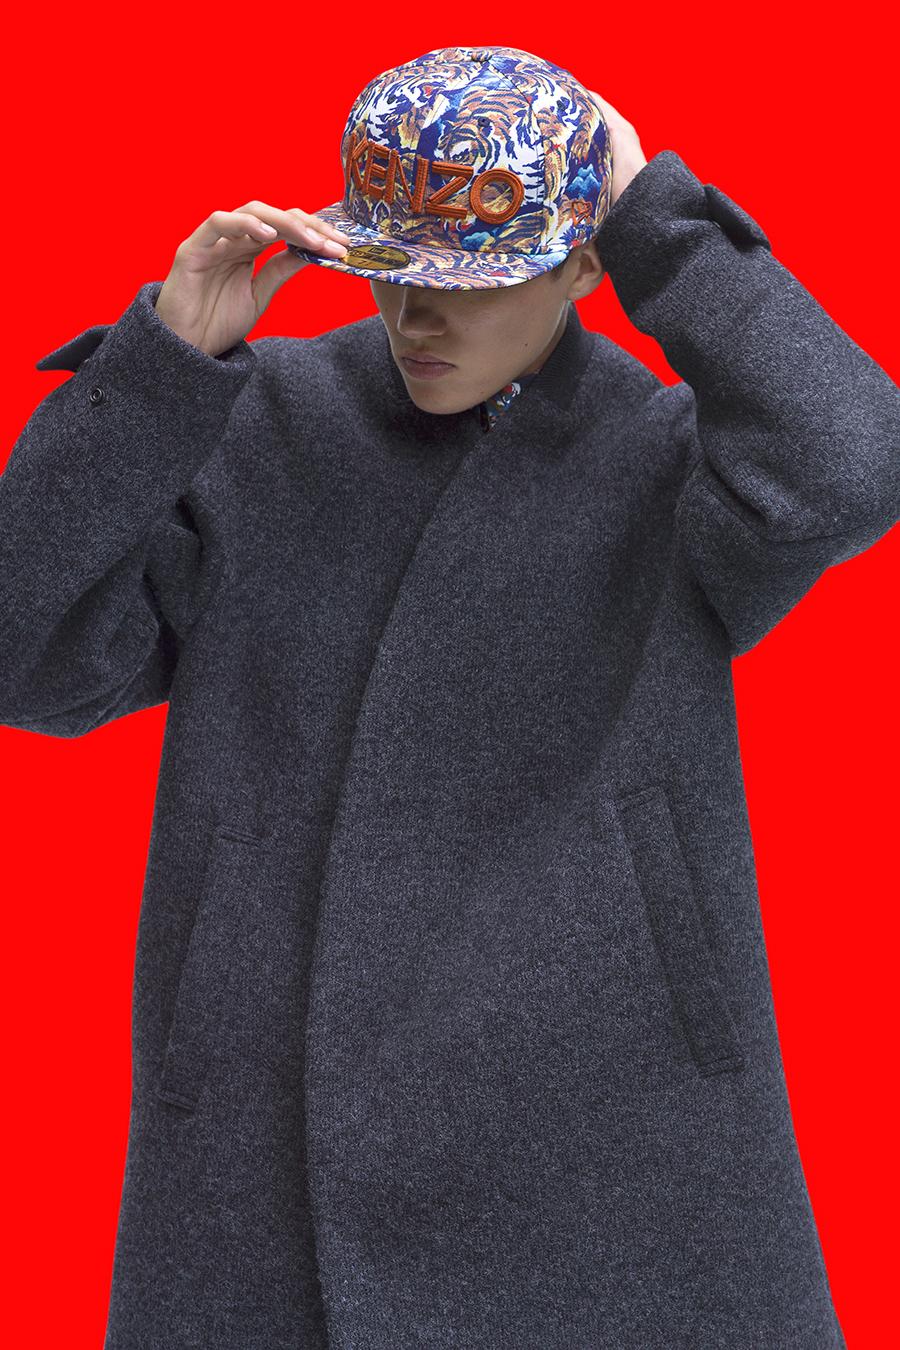 Kenzo x New Era   for  Kenzo Paris